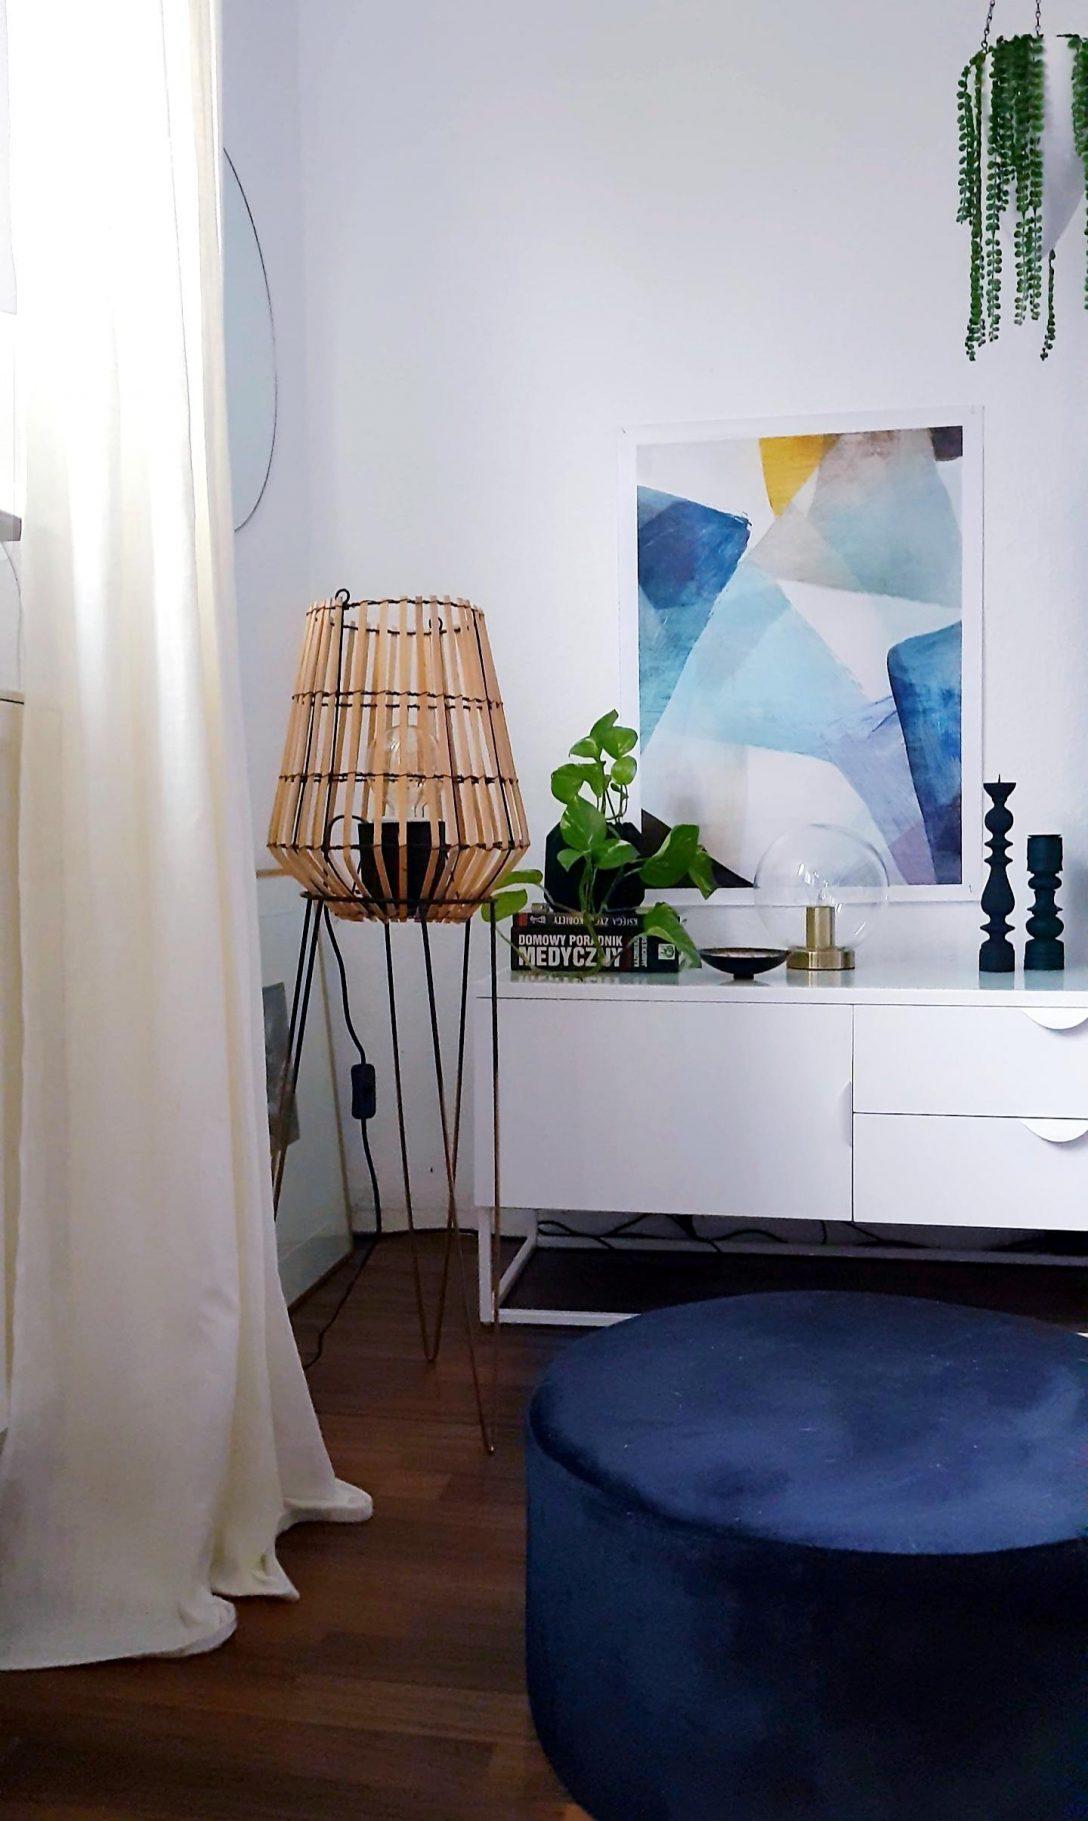 Large Size of Wohnzimmer Deko Ideen Mach Es Dir Gemtlich Teppich Für Küche Deckenleuchten Wanddeko Gardinen Tisch Deckenlampe Wohnwand Landhausstil Tagesdecken Betten Wohnzimmer Deko Für Wohnzimmer